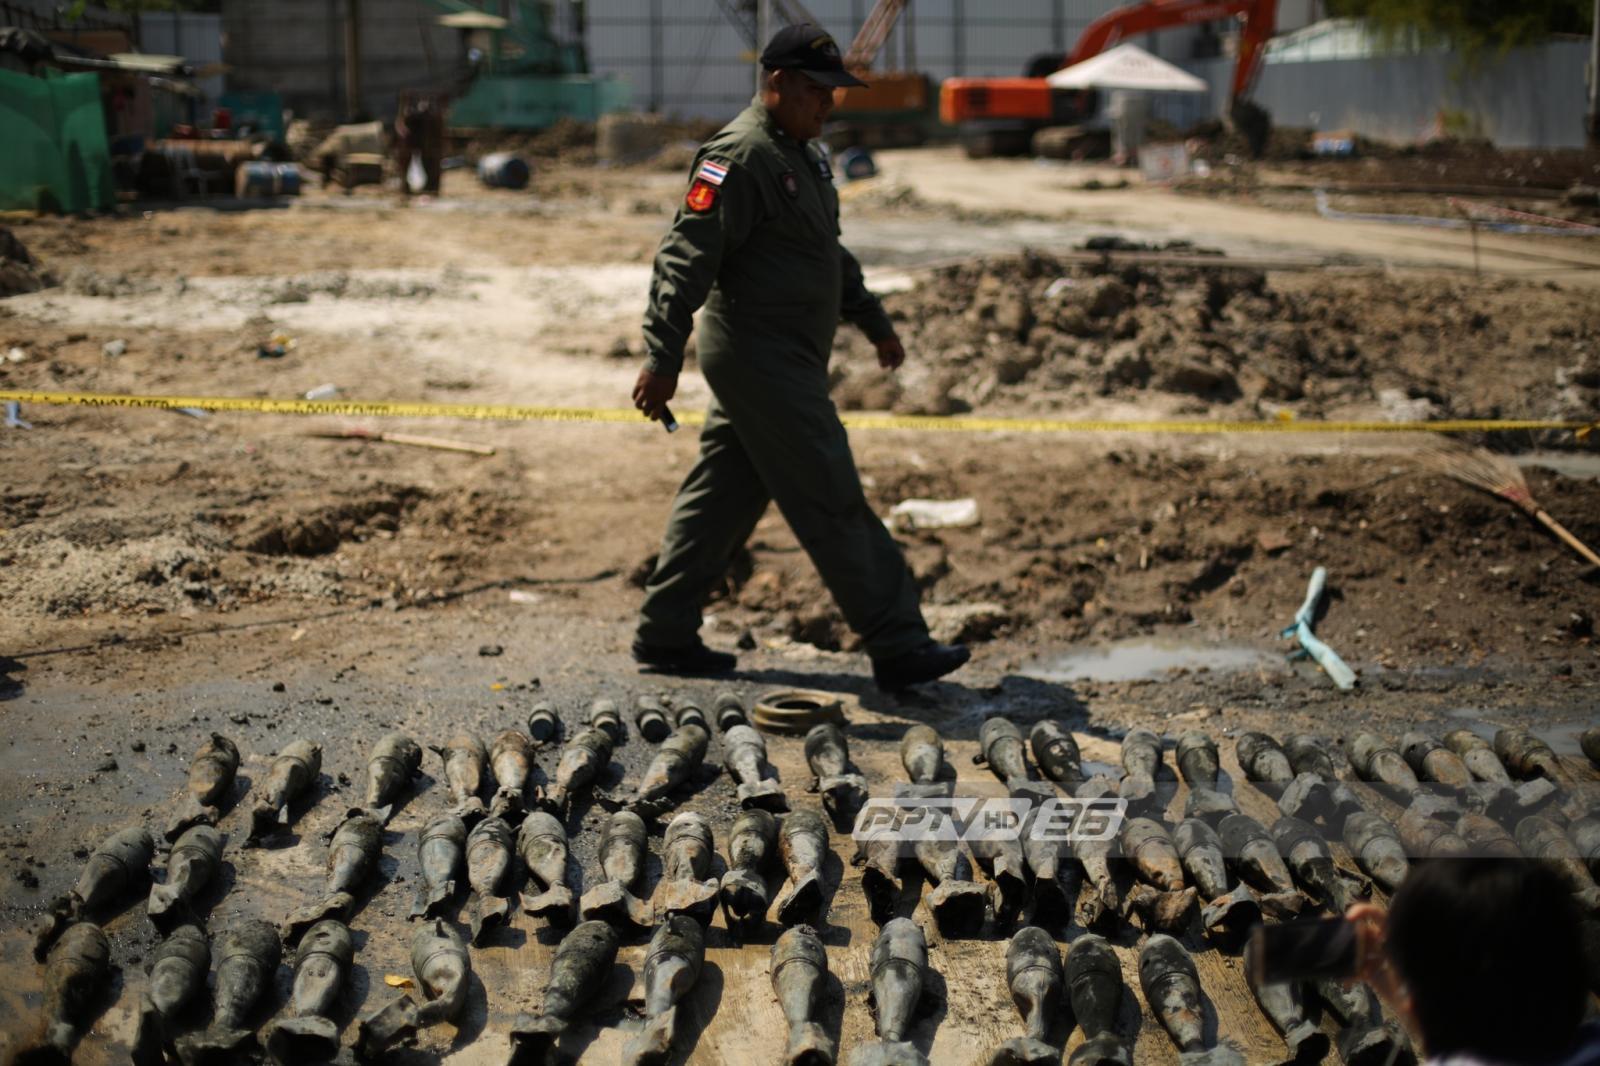 คนงานก่อสร้างผงะพบระเบิดเก่า กว่า 100 ลูก ใกล้สะพานซังฮี้